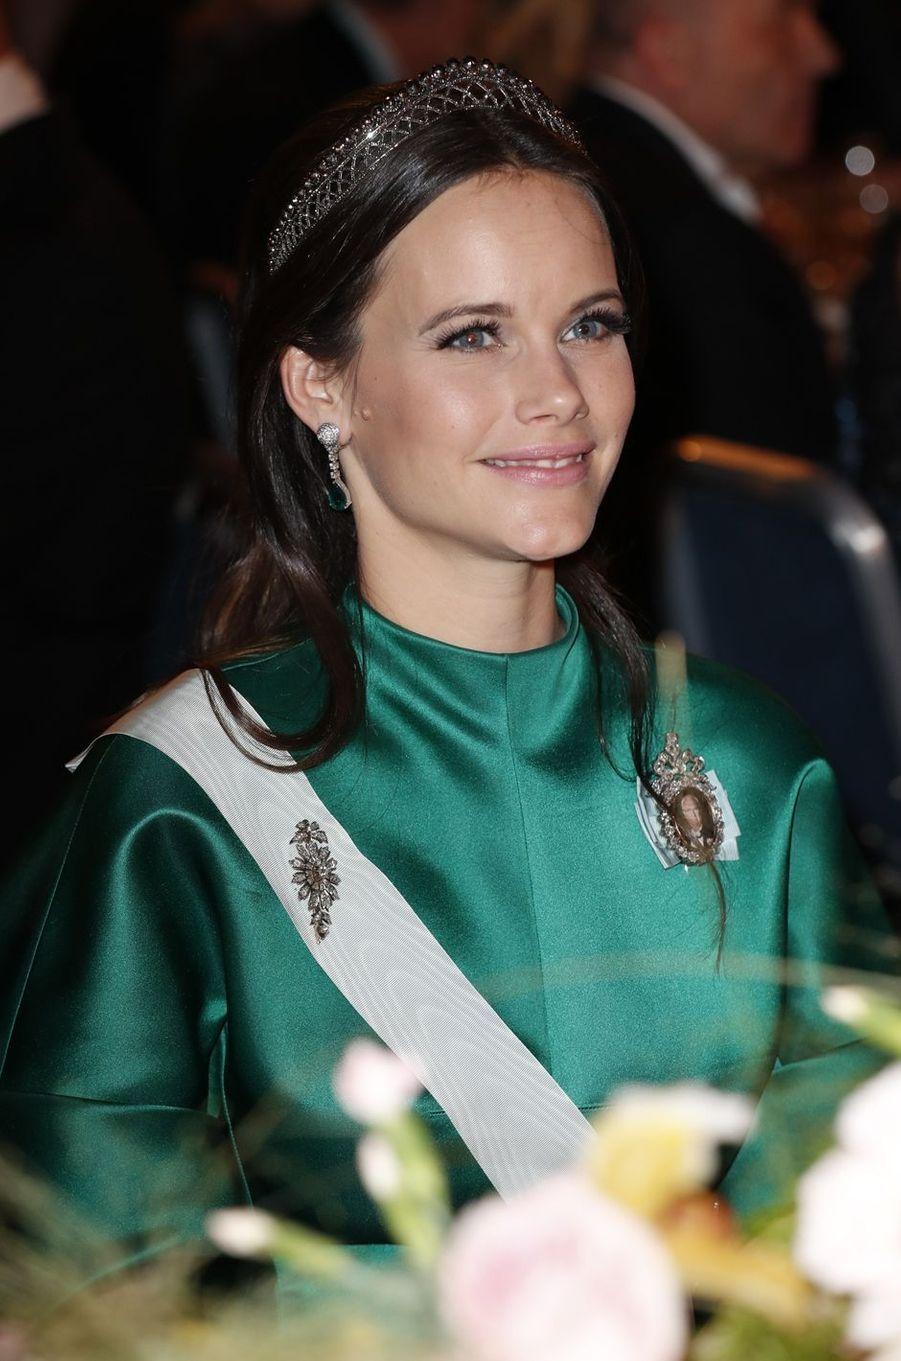 La princesse Sofia de Suède au banquet des Nobel à Stockholm, le 10 décembre 2016